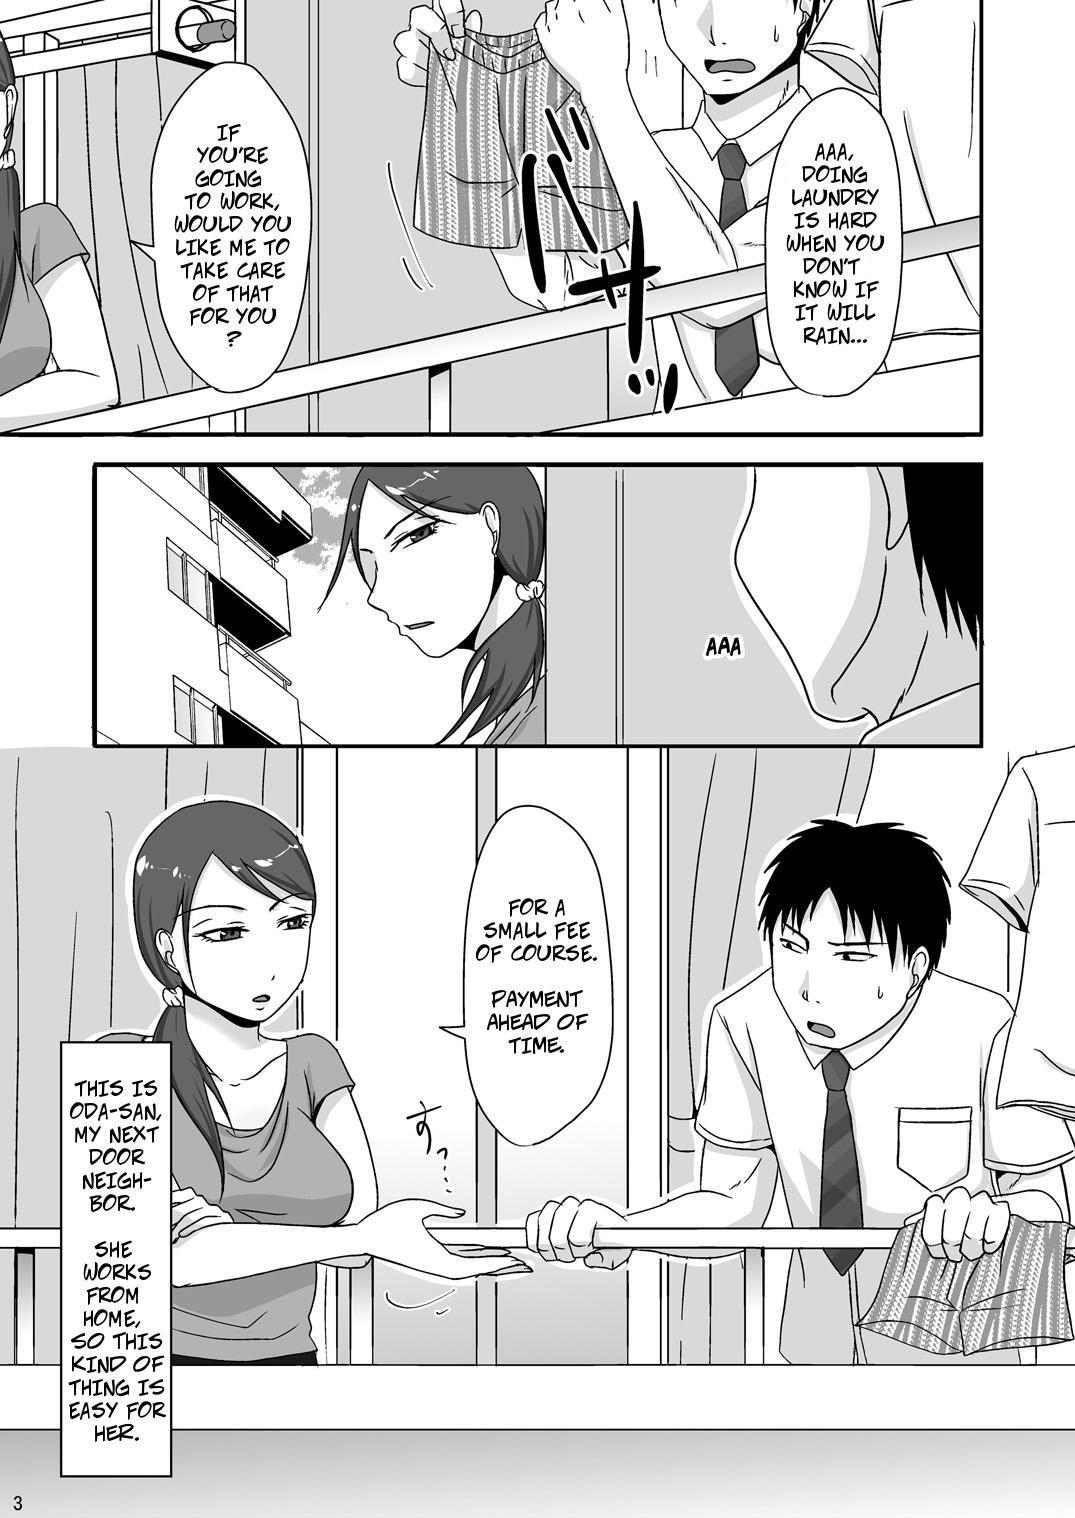 Otonari-san to Enkou Seikatsu | With My Neighbor 1: Compensated Dating 2